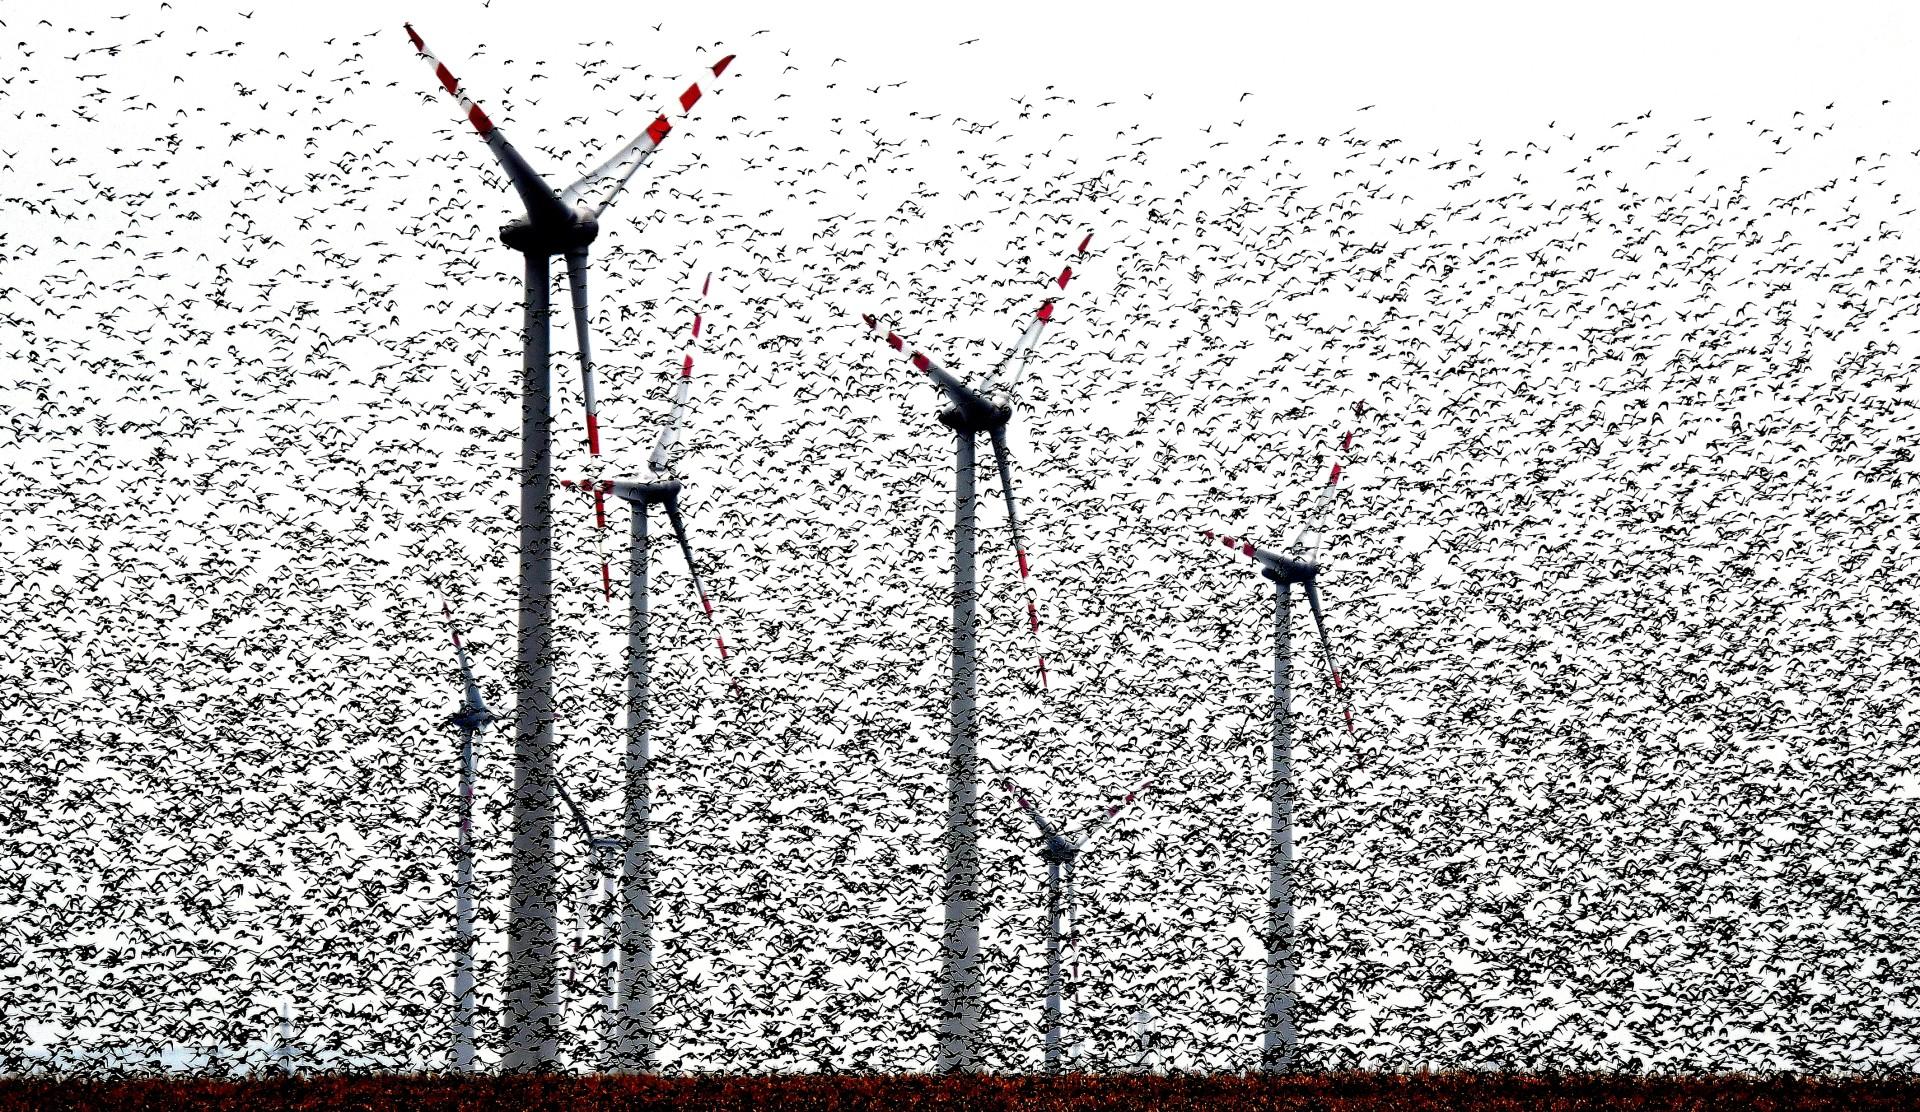 Fotó: Kerekes István: Kompozíció szélturbinákkal<br />Kategória: A fenntartható energiatermelés és a természet kapcsolata<br />Helyezés: 2. díj<br /><br />Felreppenő seregélyfelhő az őszi vonulás időszakában Ausztria legnagyobb szélerőmű parkjában, Burgenlandban. Tizenkét éve járok e vidékre őszi seregélyvonulást figyelni, de ekkora tömeggel még soha nem találkoztam. Először egy furcsa, nyüzsgéshez hasonló zajt hallottam, és ahogy a hang fele indultam, bekövetkezett az a csoda amire nem számítottam. A talaj megmozdult, és mint egy végeláthatatlan sötét szőnyeg, a földről több tízezer seregély kezdett lassan felszállni. Hihetetlen látványnak lehettem szemtanúja.